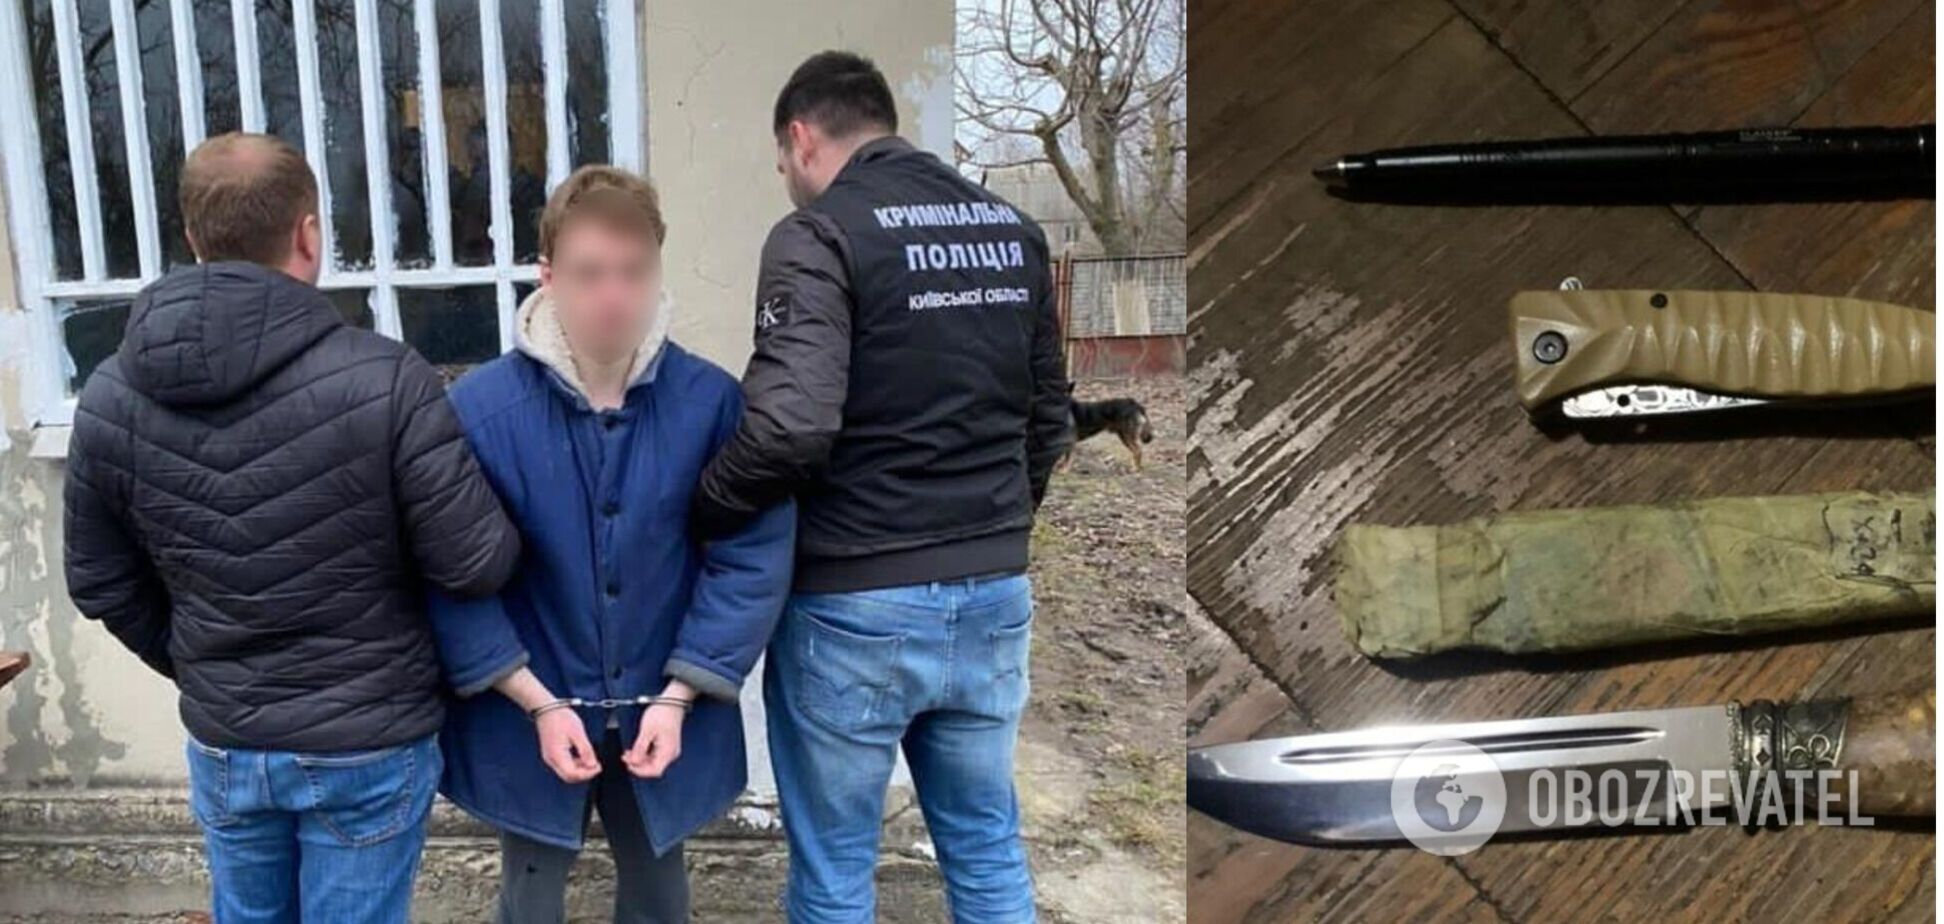 19-летний киевлянин рассказал, зачем убил отца своего друга. Видео 18+